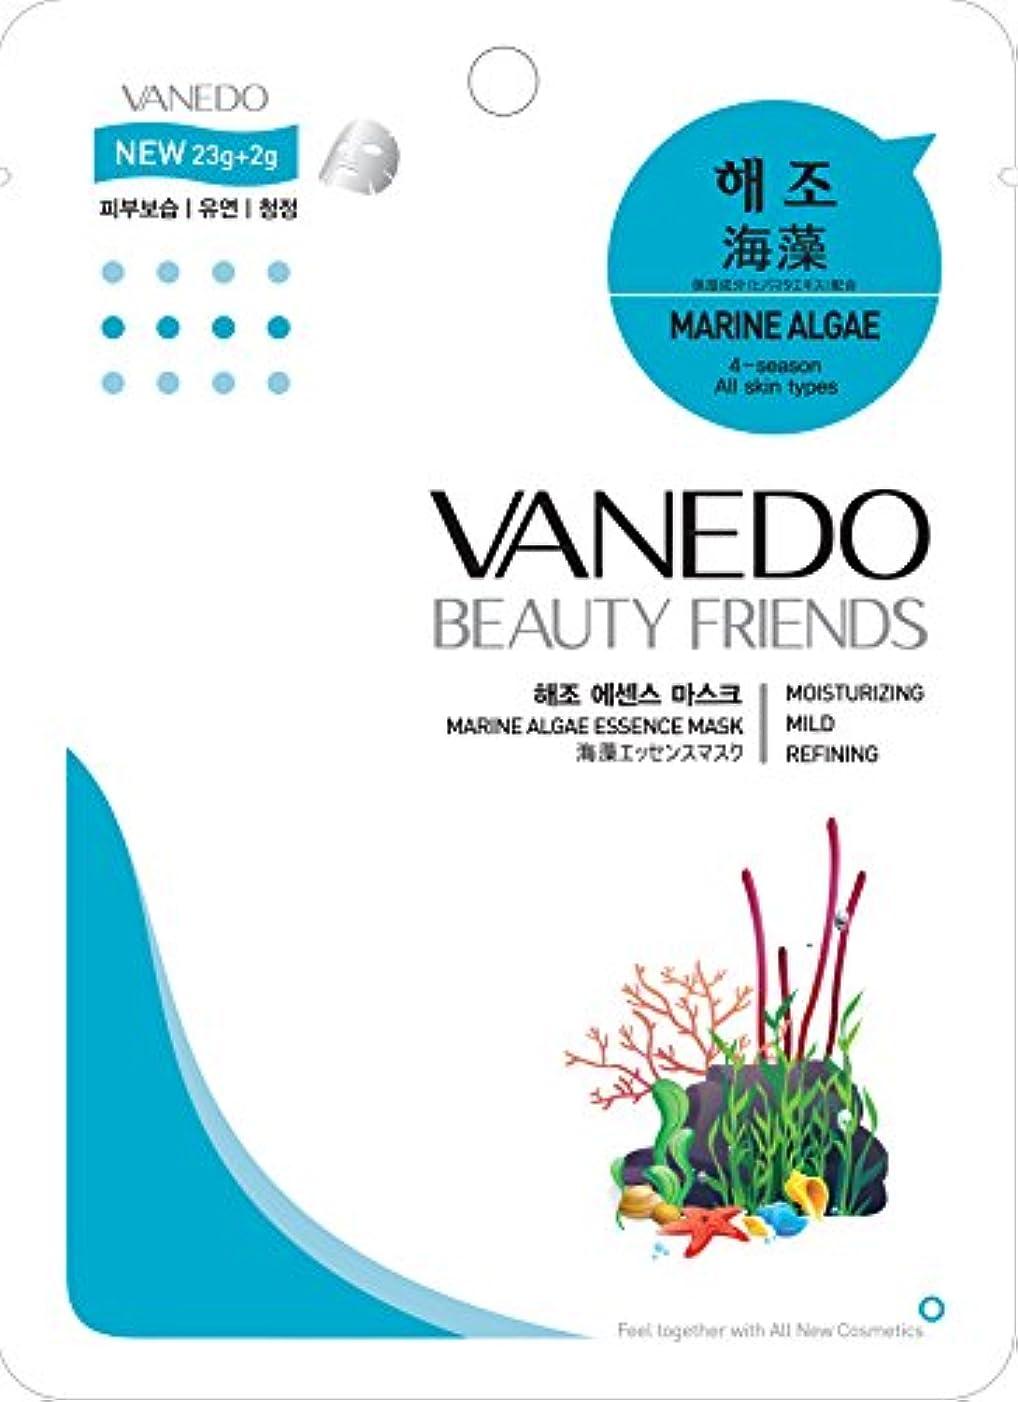 契約する受信機矛盾する【VANEDO】バネド シートマスク 海藻 10枚セット/エッセンス/保湿/フェイスマスク/フェイスパック/マスクパック/韓国コスメ [メール便]